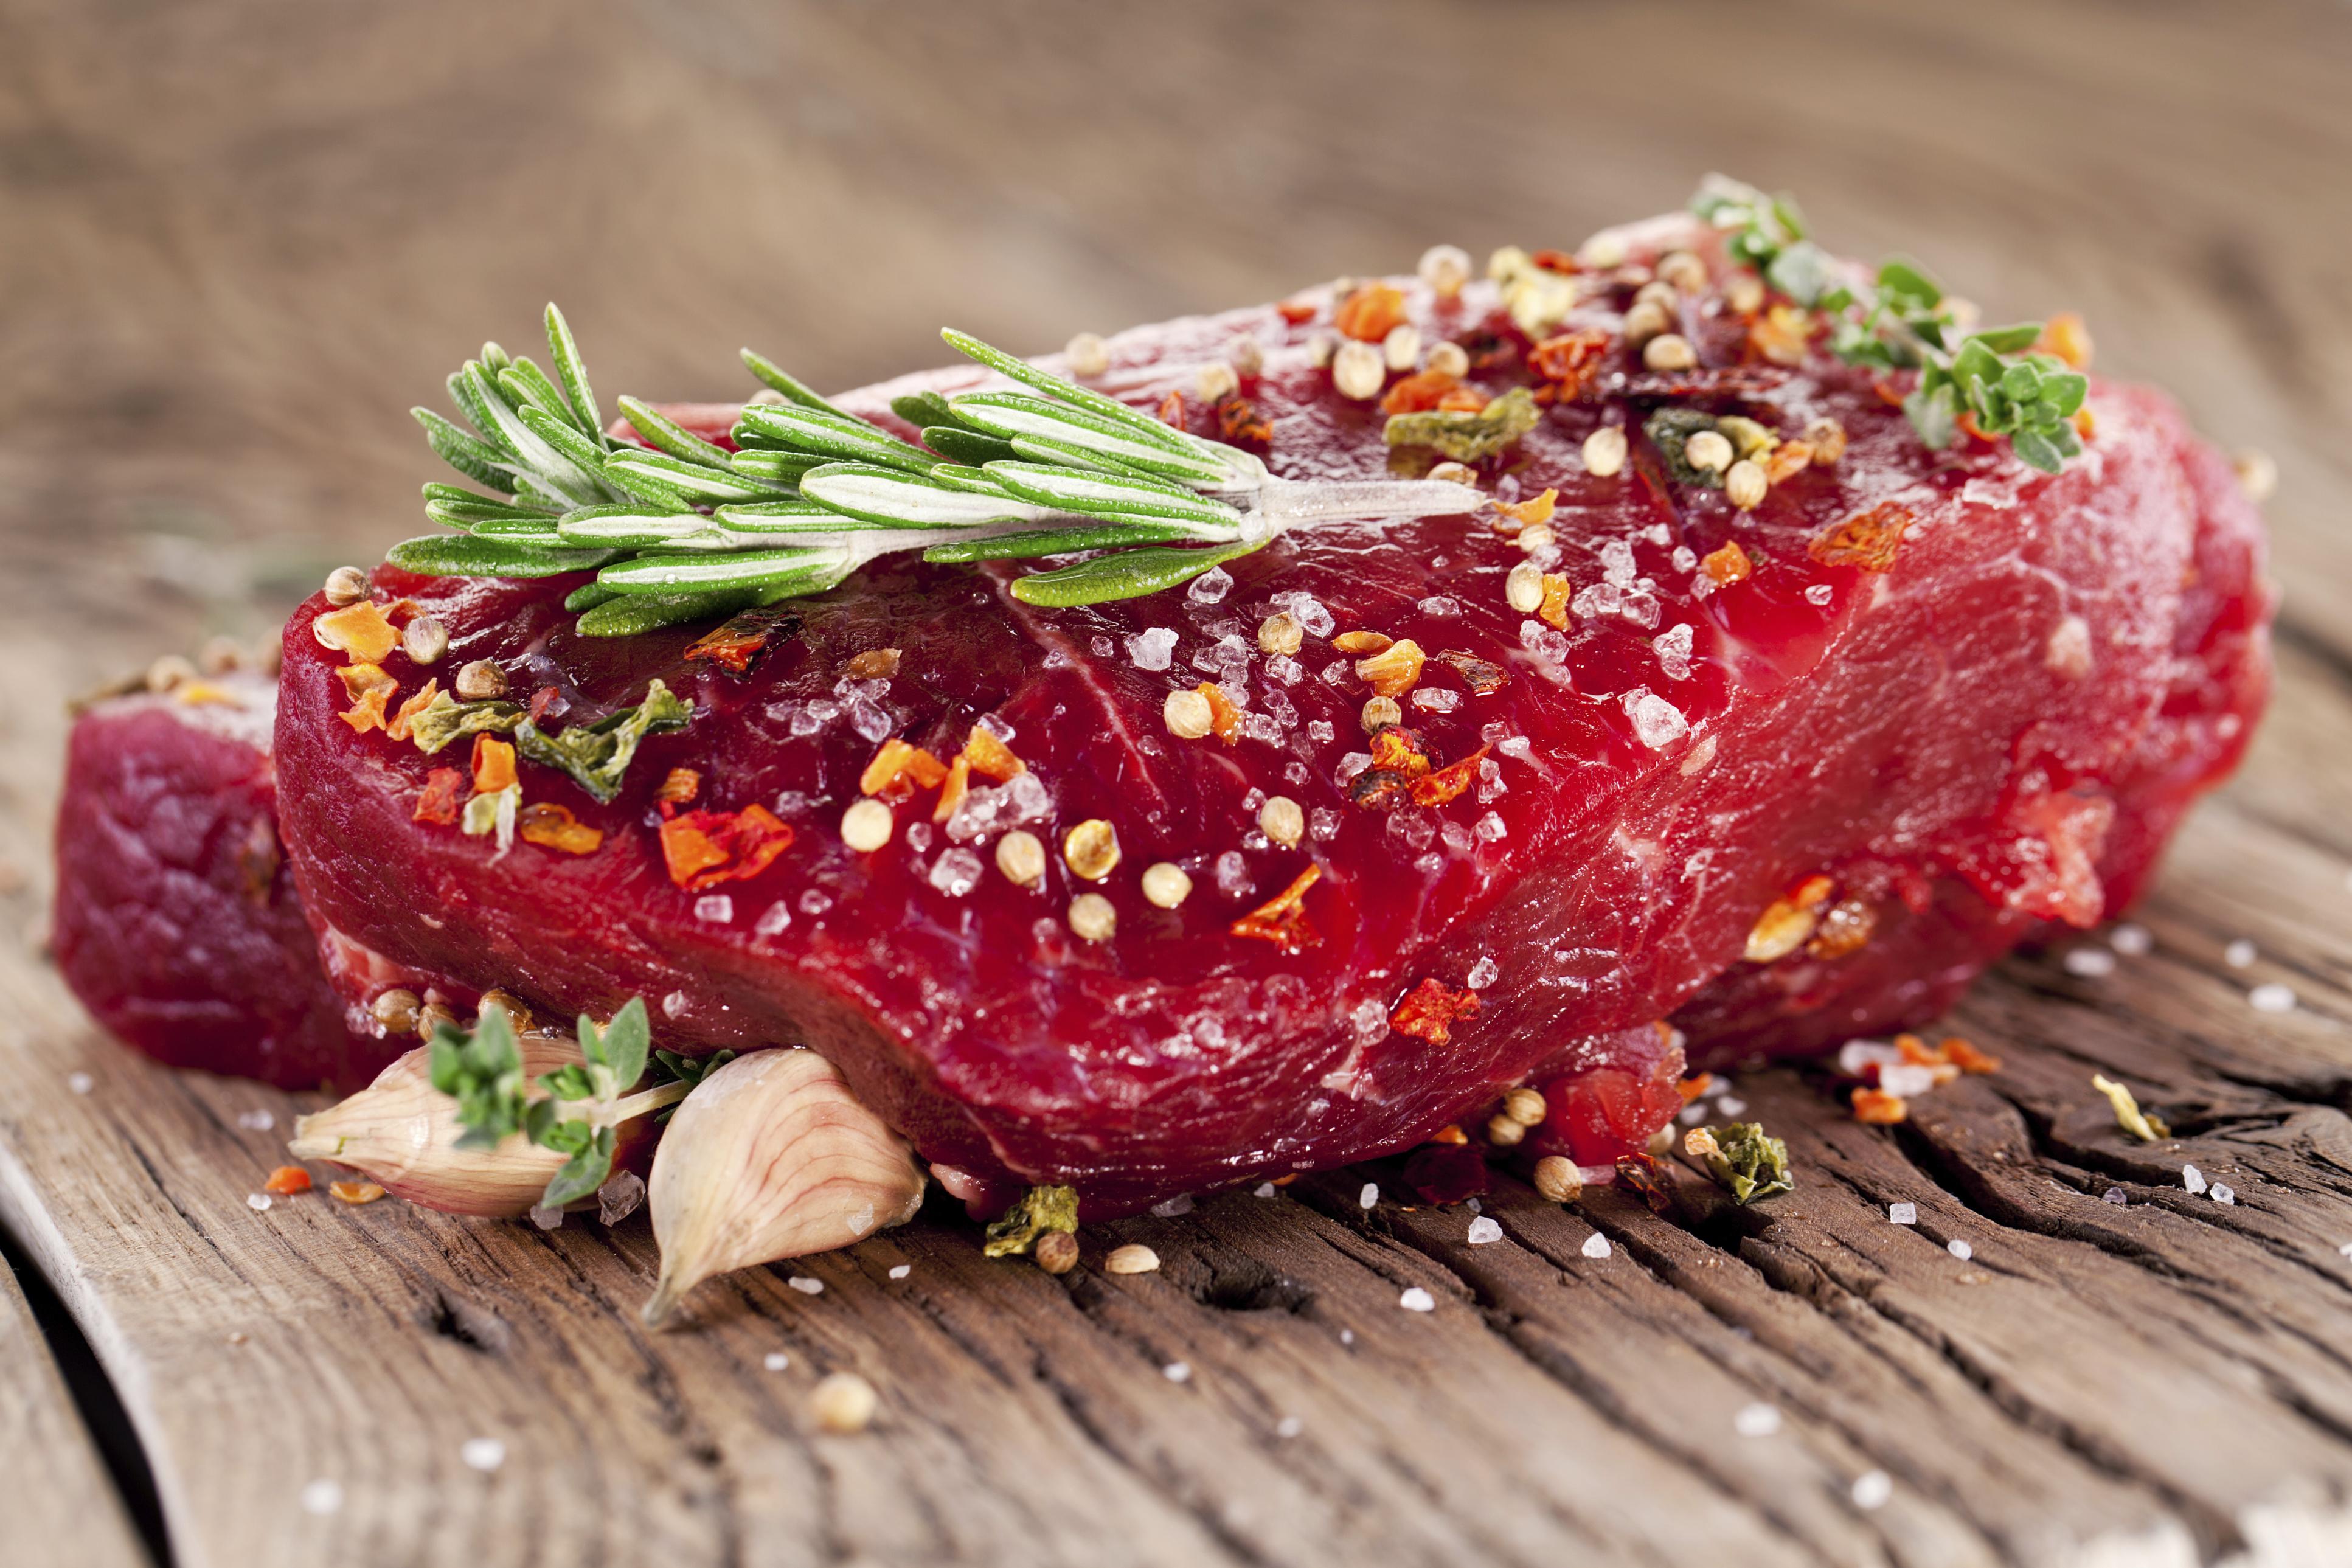 Beef steak.jpg